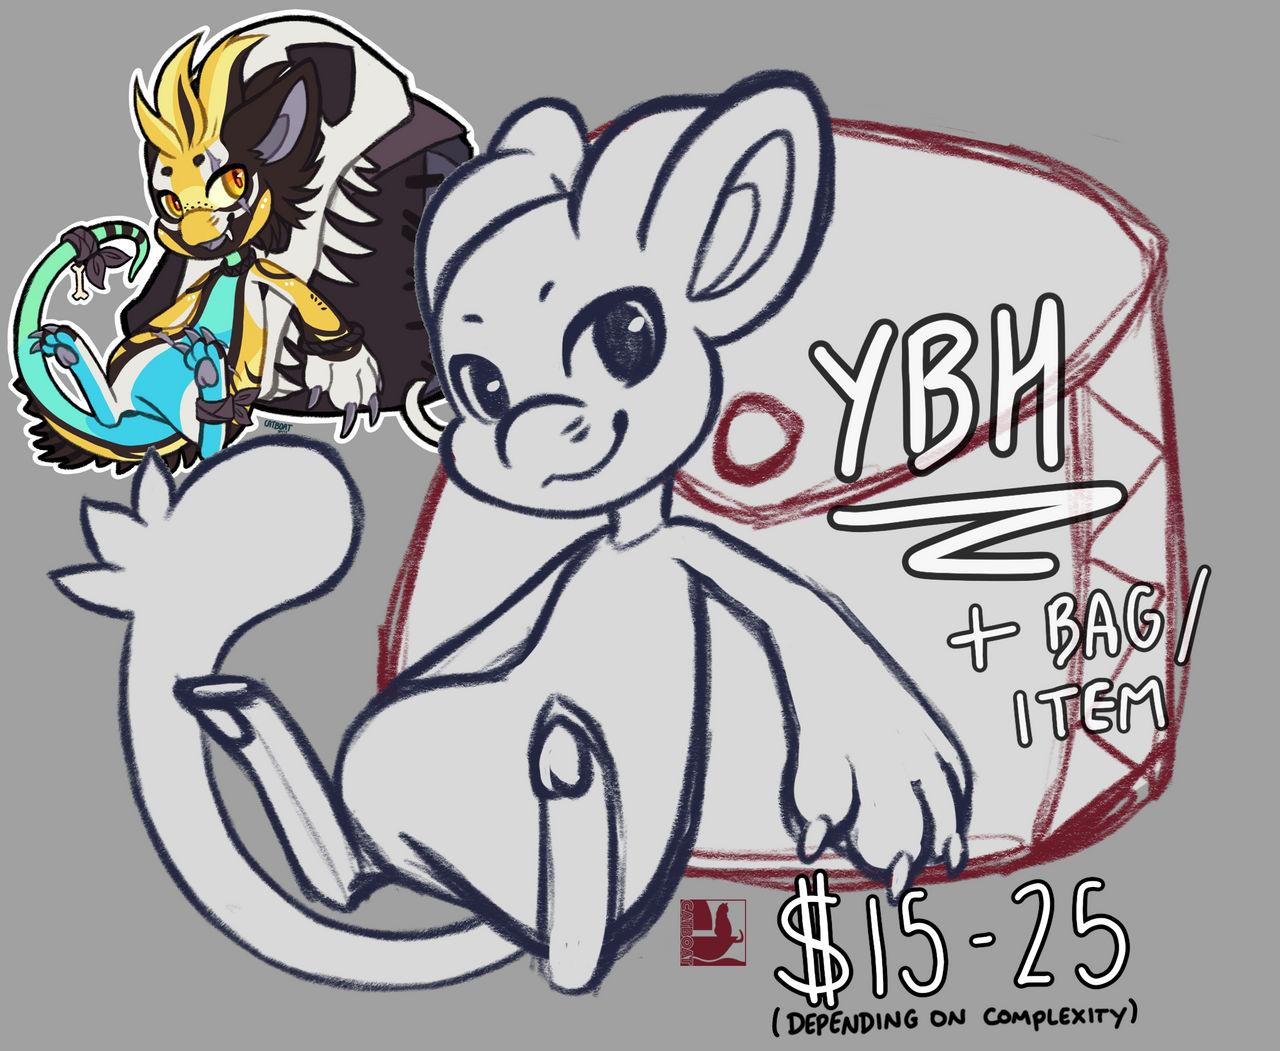 [YCH] Giant Bag YBH - OPEN